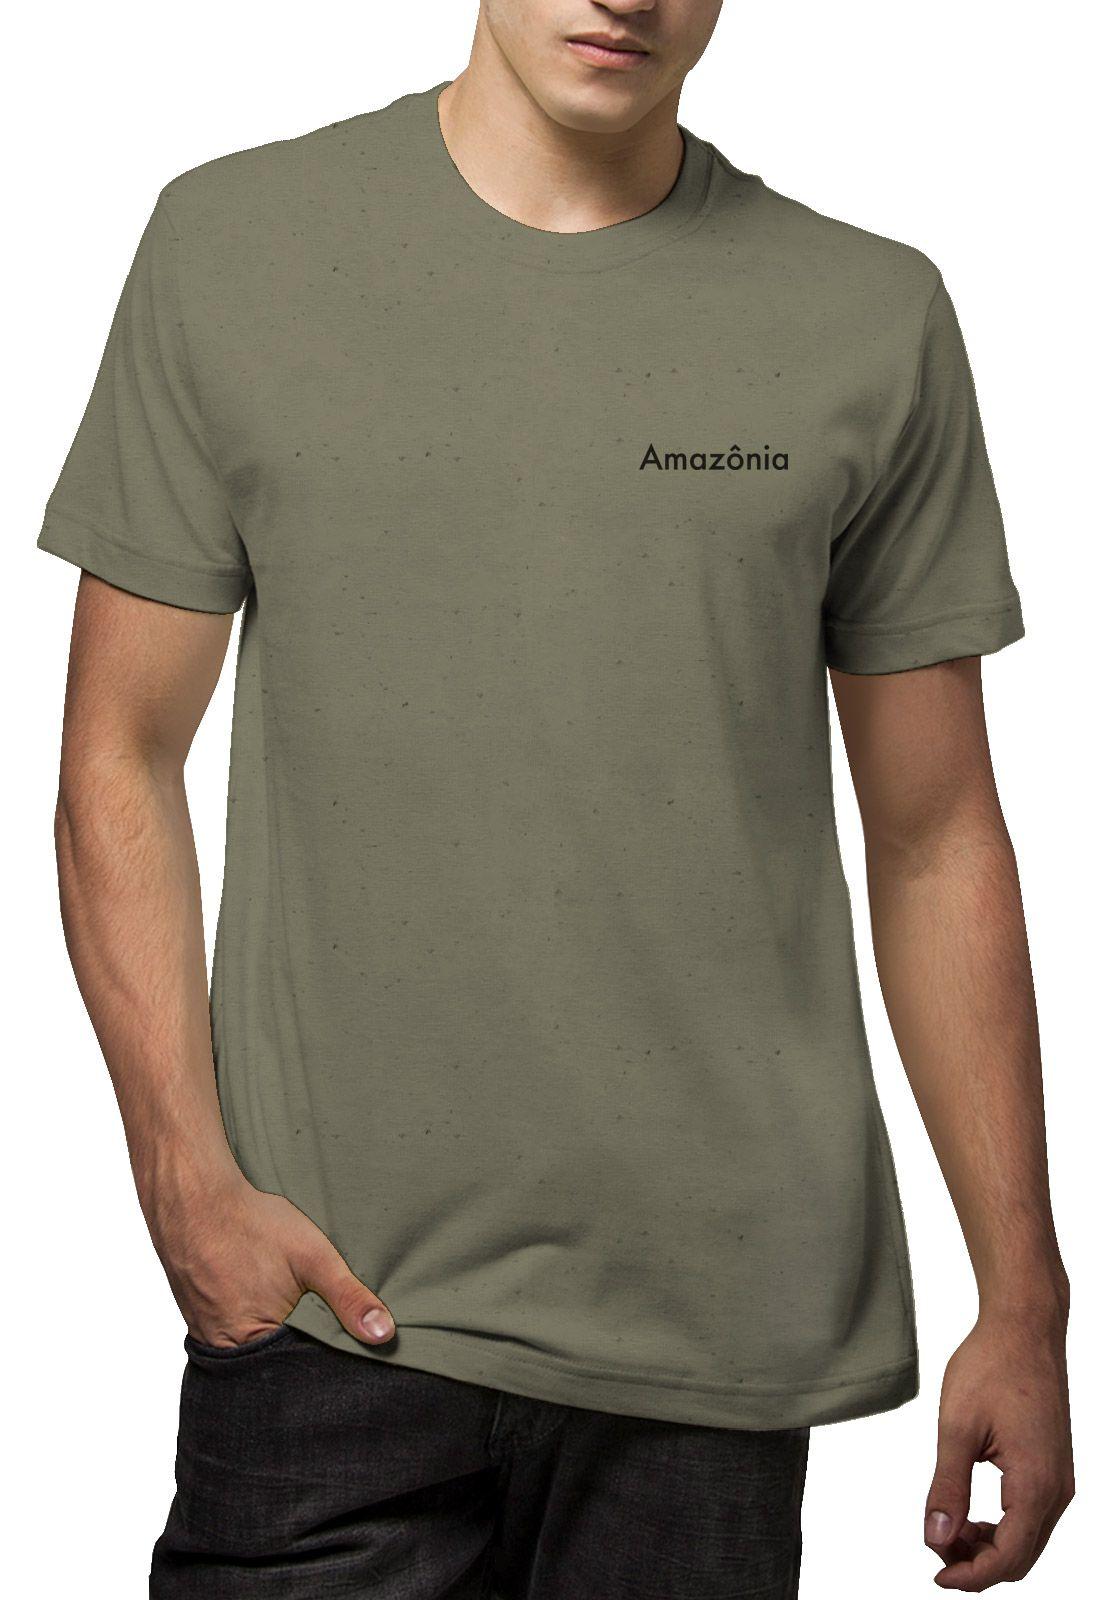 Camiseta Amazônia Linhotex Folha - Verde Escuro